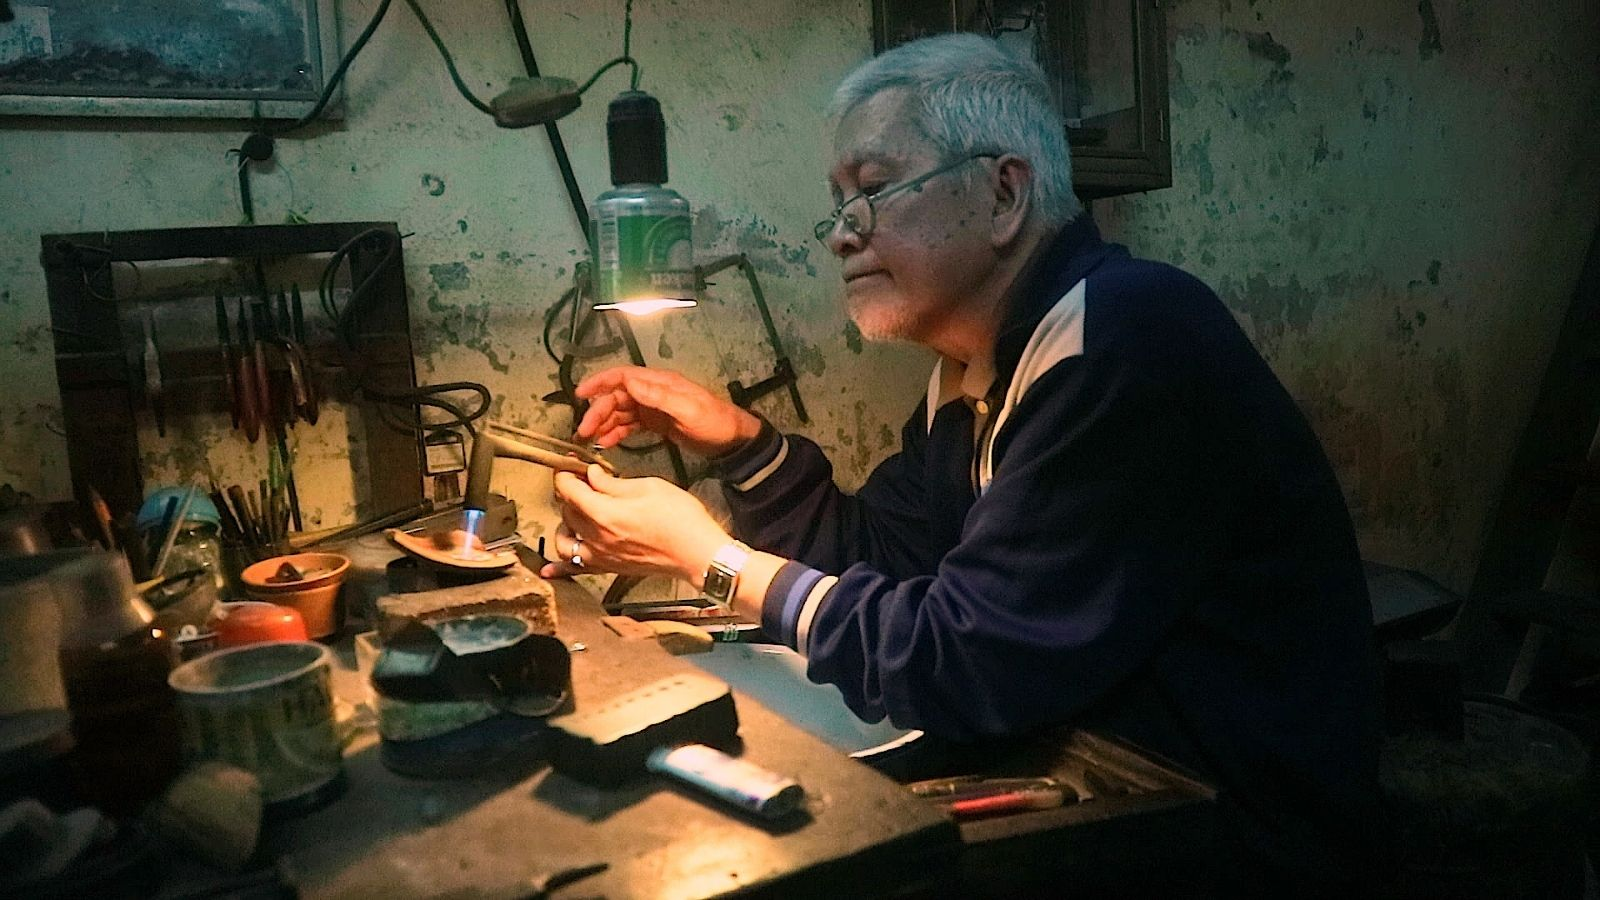 Gặp ông lão hiếm hoi còn duy trì nghề kim hoàn truyền thống ở phố cổ Hà Nội